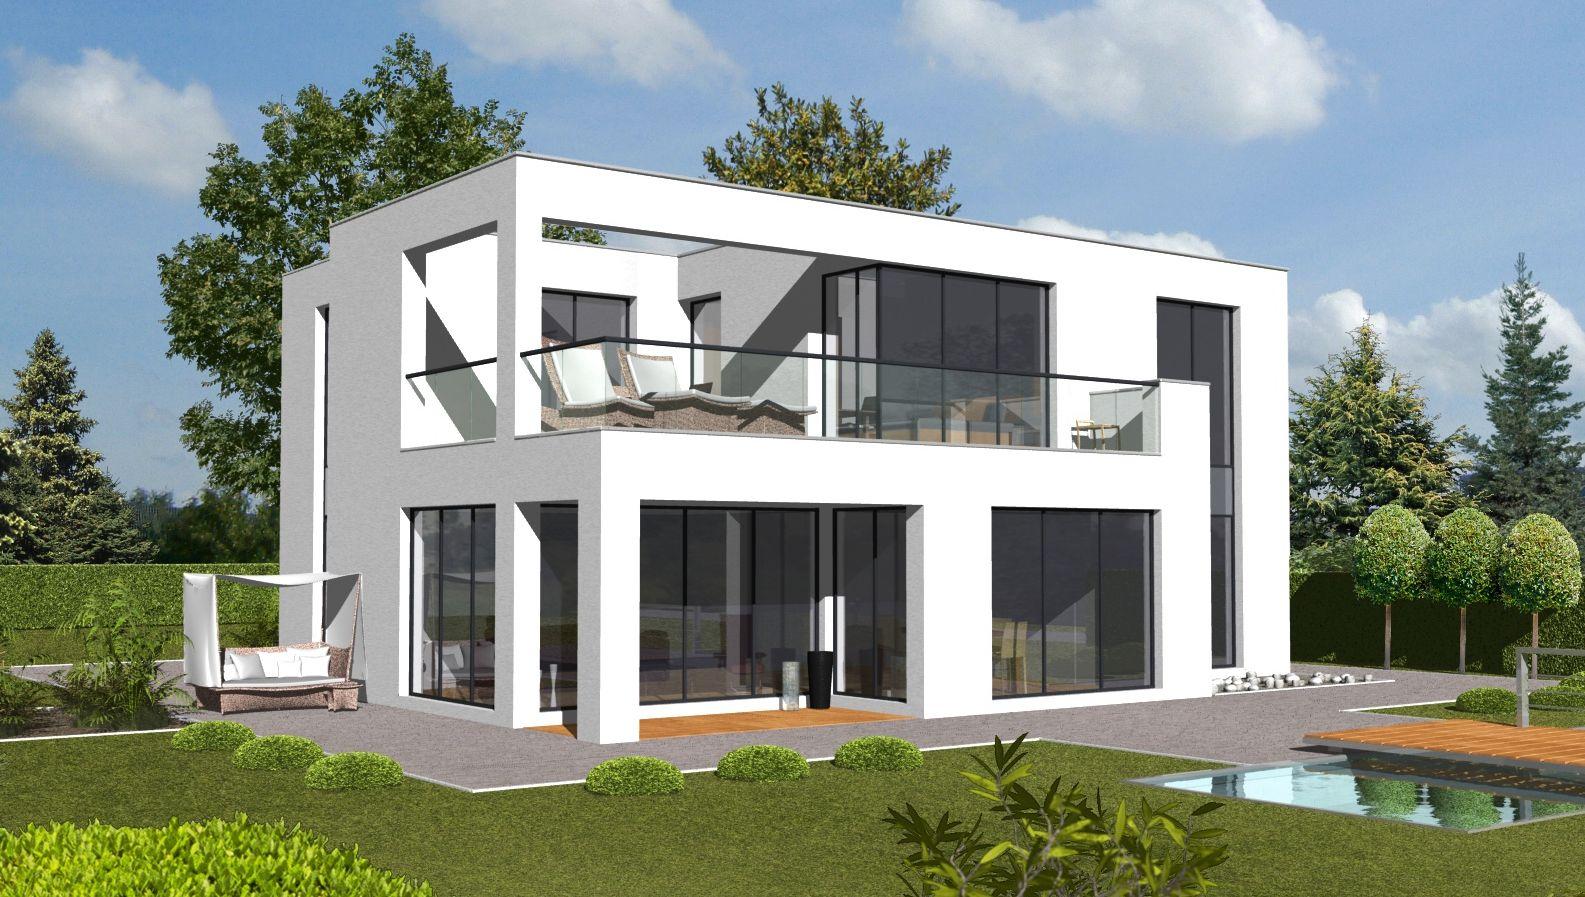 Bauhausarchitektur in absolut ruhiger lage von hh for Minimalistisches haus grundriss